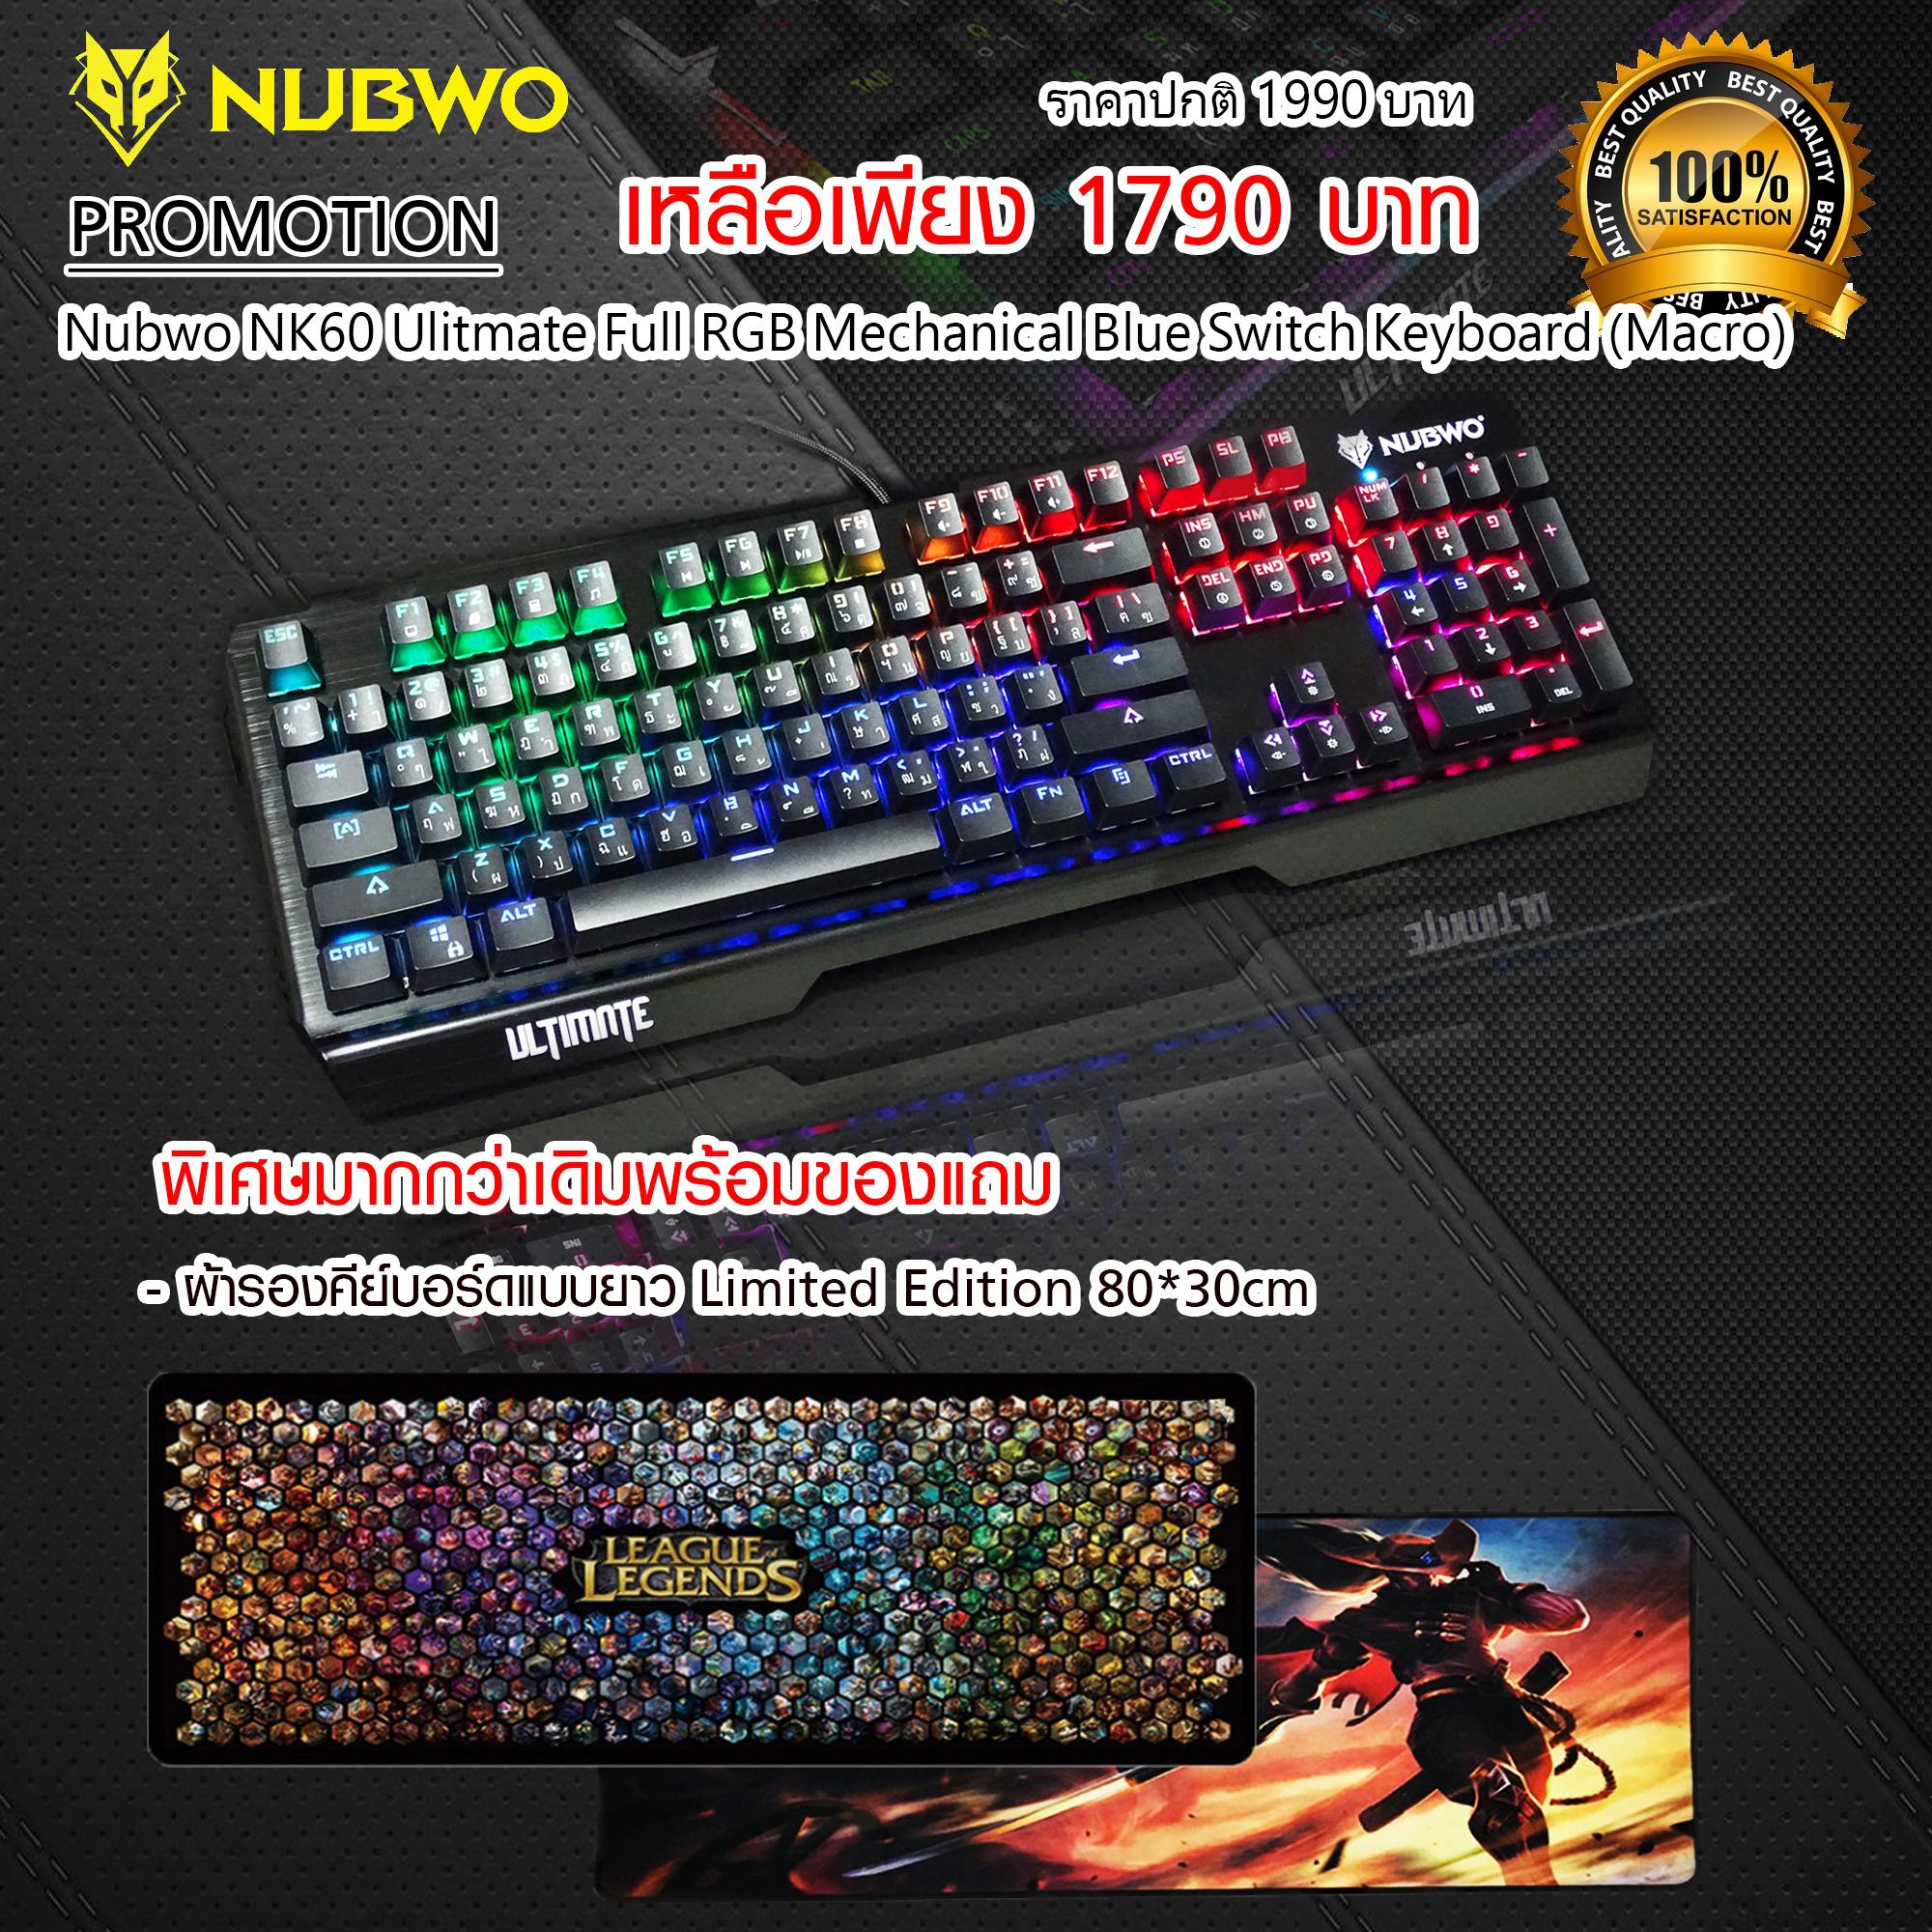 Nubwo NK60 Ulitmate Full RGB Mechanical Blue Switch Keyboard (Macro)